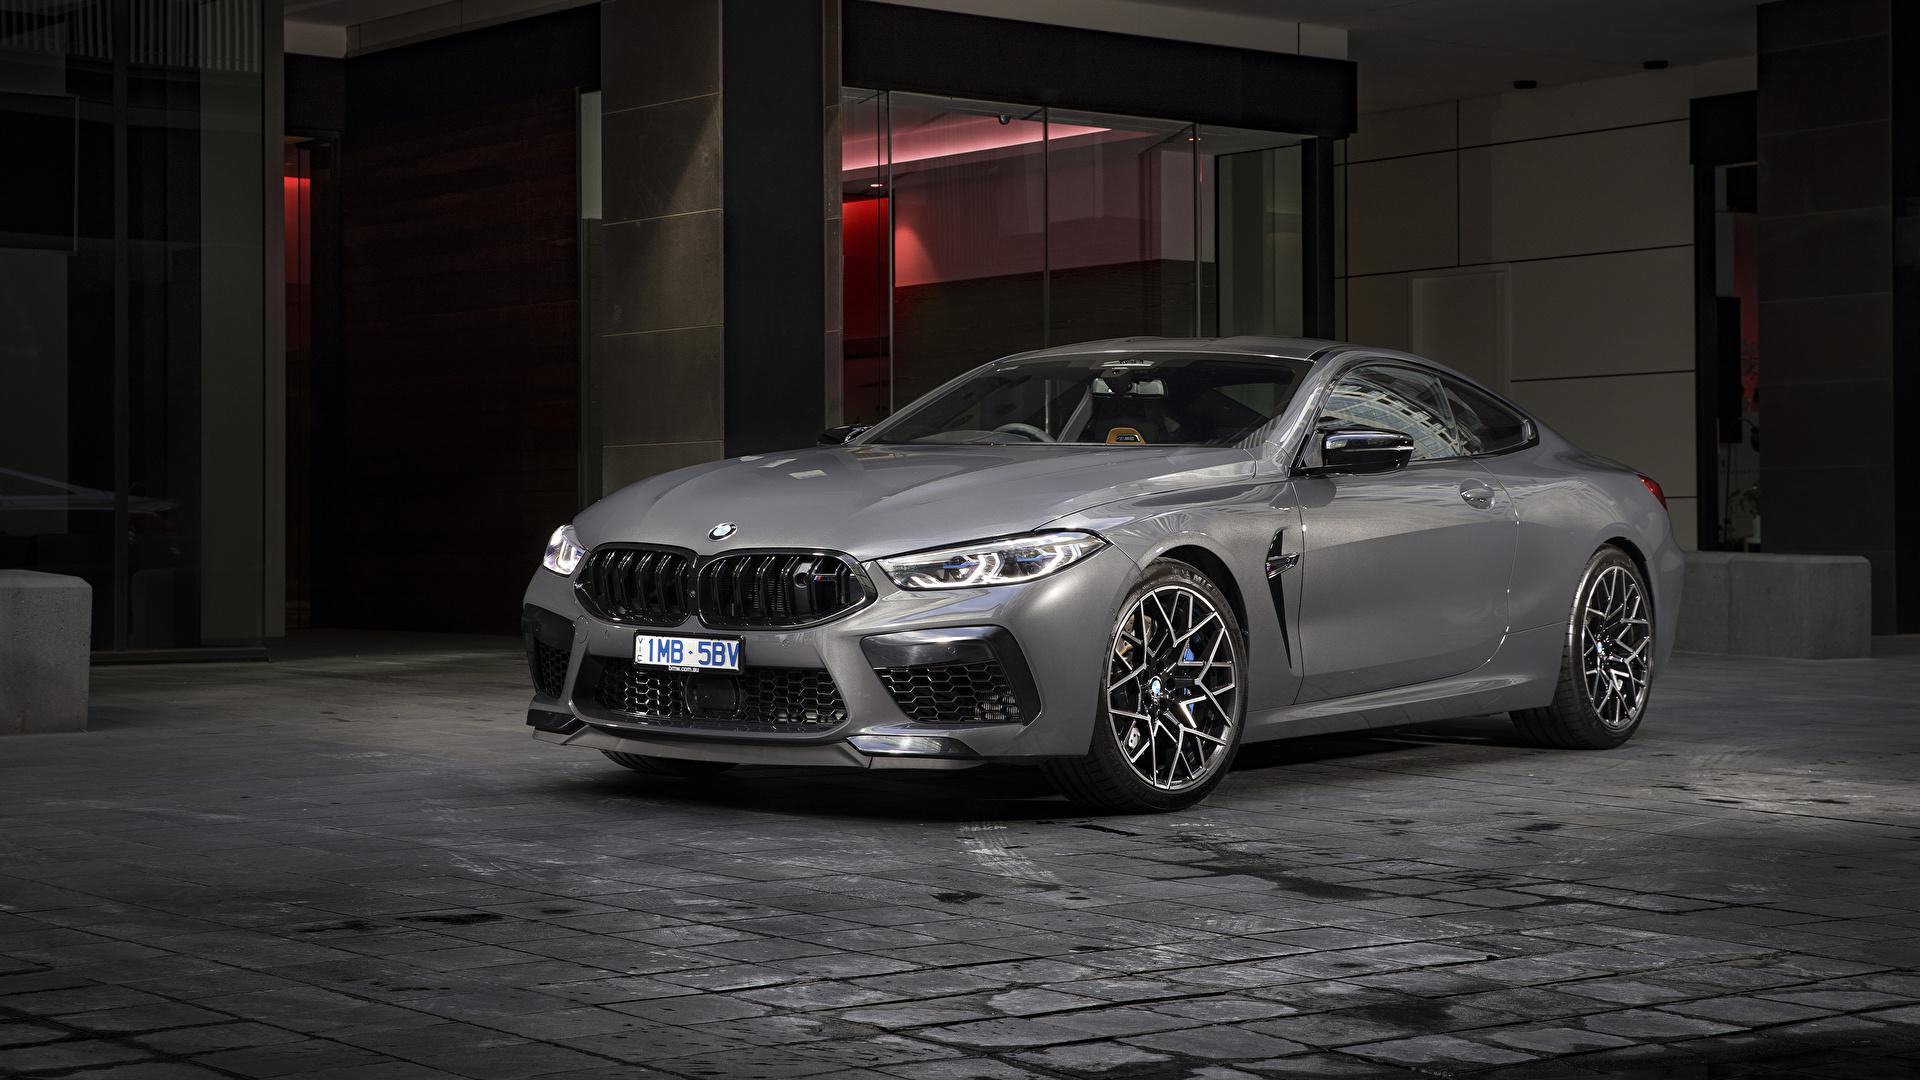 Обои для рабочего стола BMW 2020 M8 Competition Coupé Купе серая авто 1920x1080 БМВ Серый серые машина машины Автомобили автомобиль